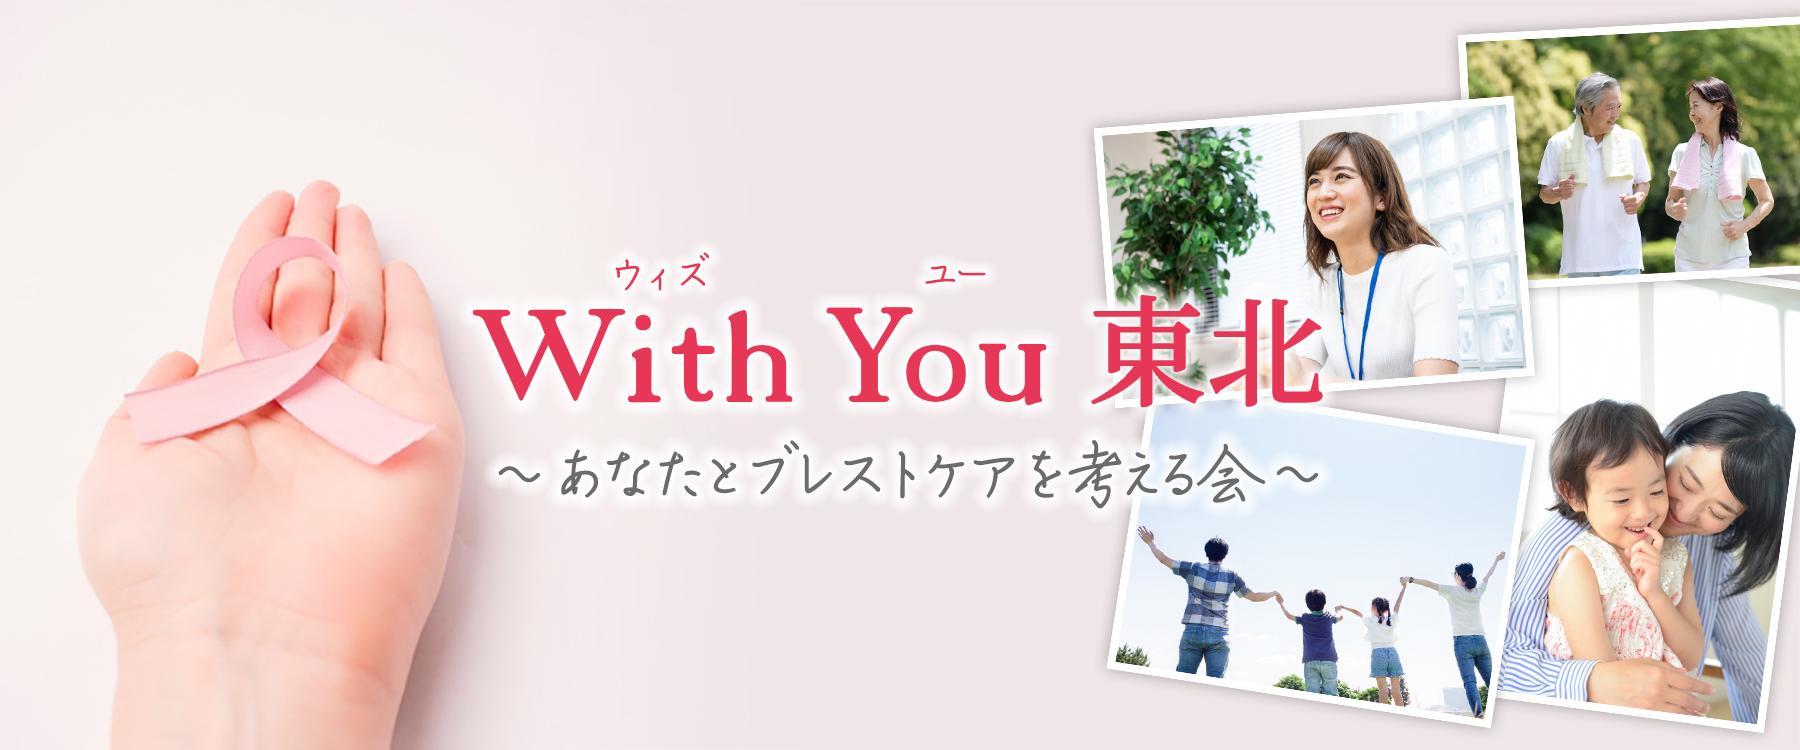 WithYou TOHOKU